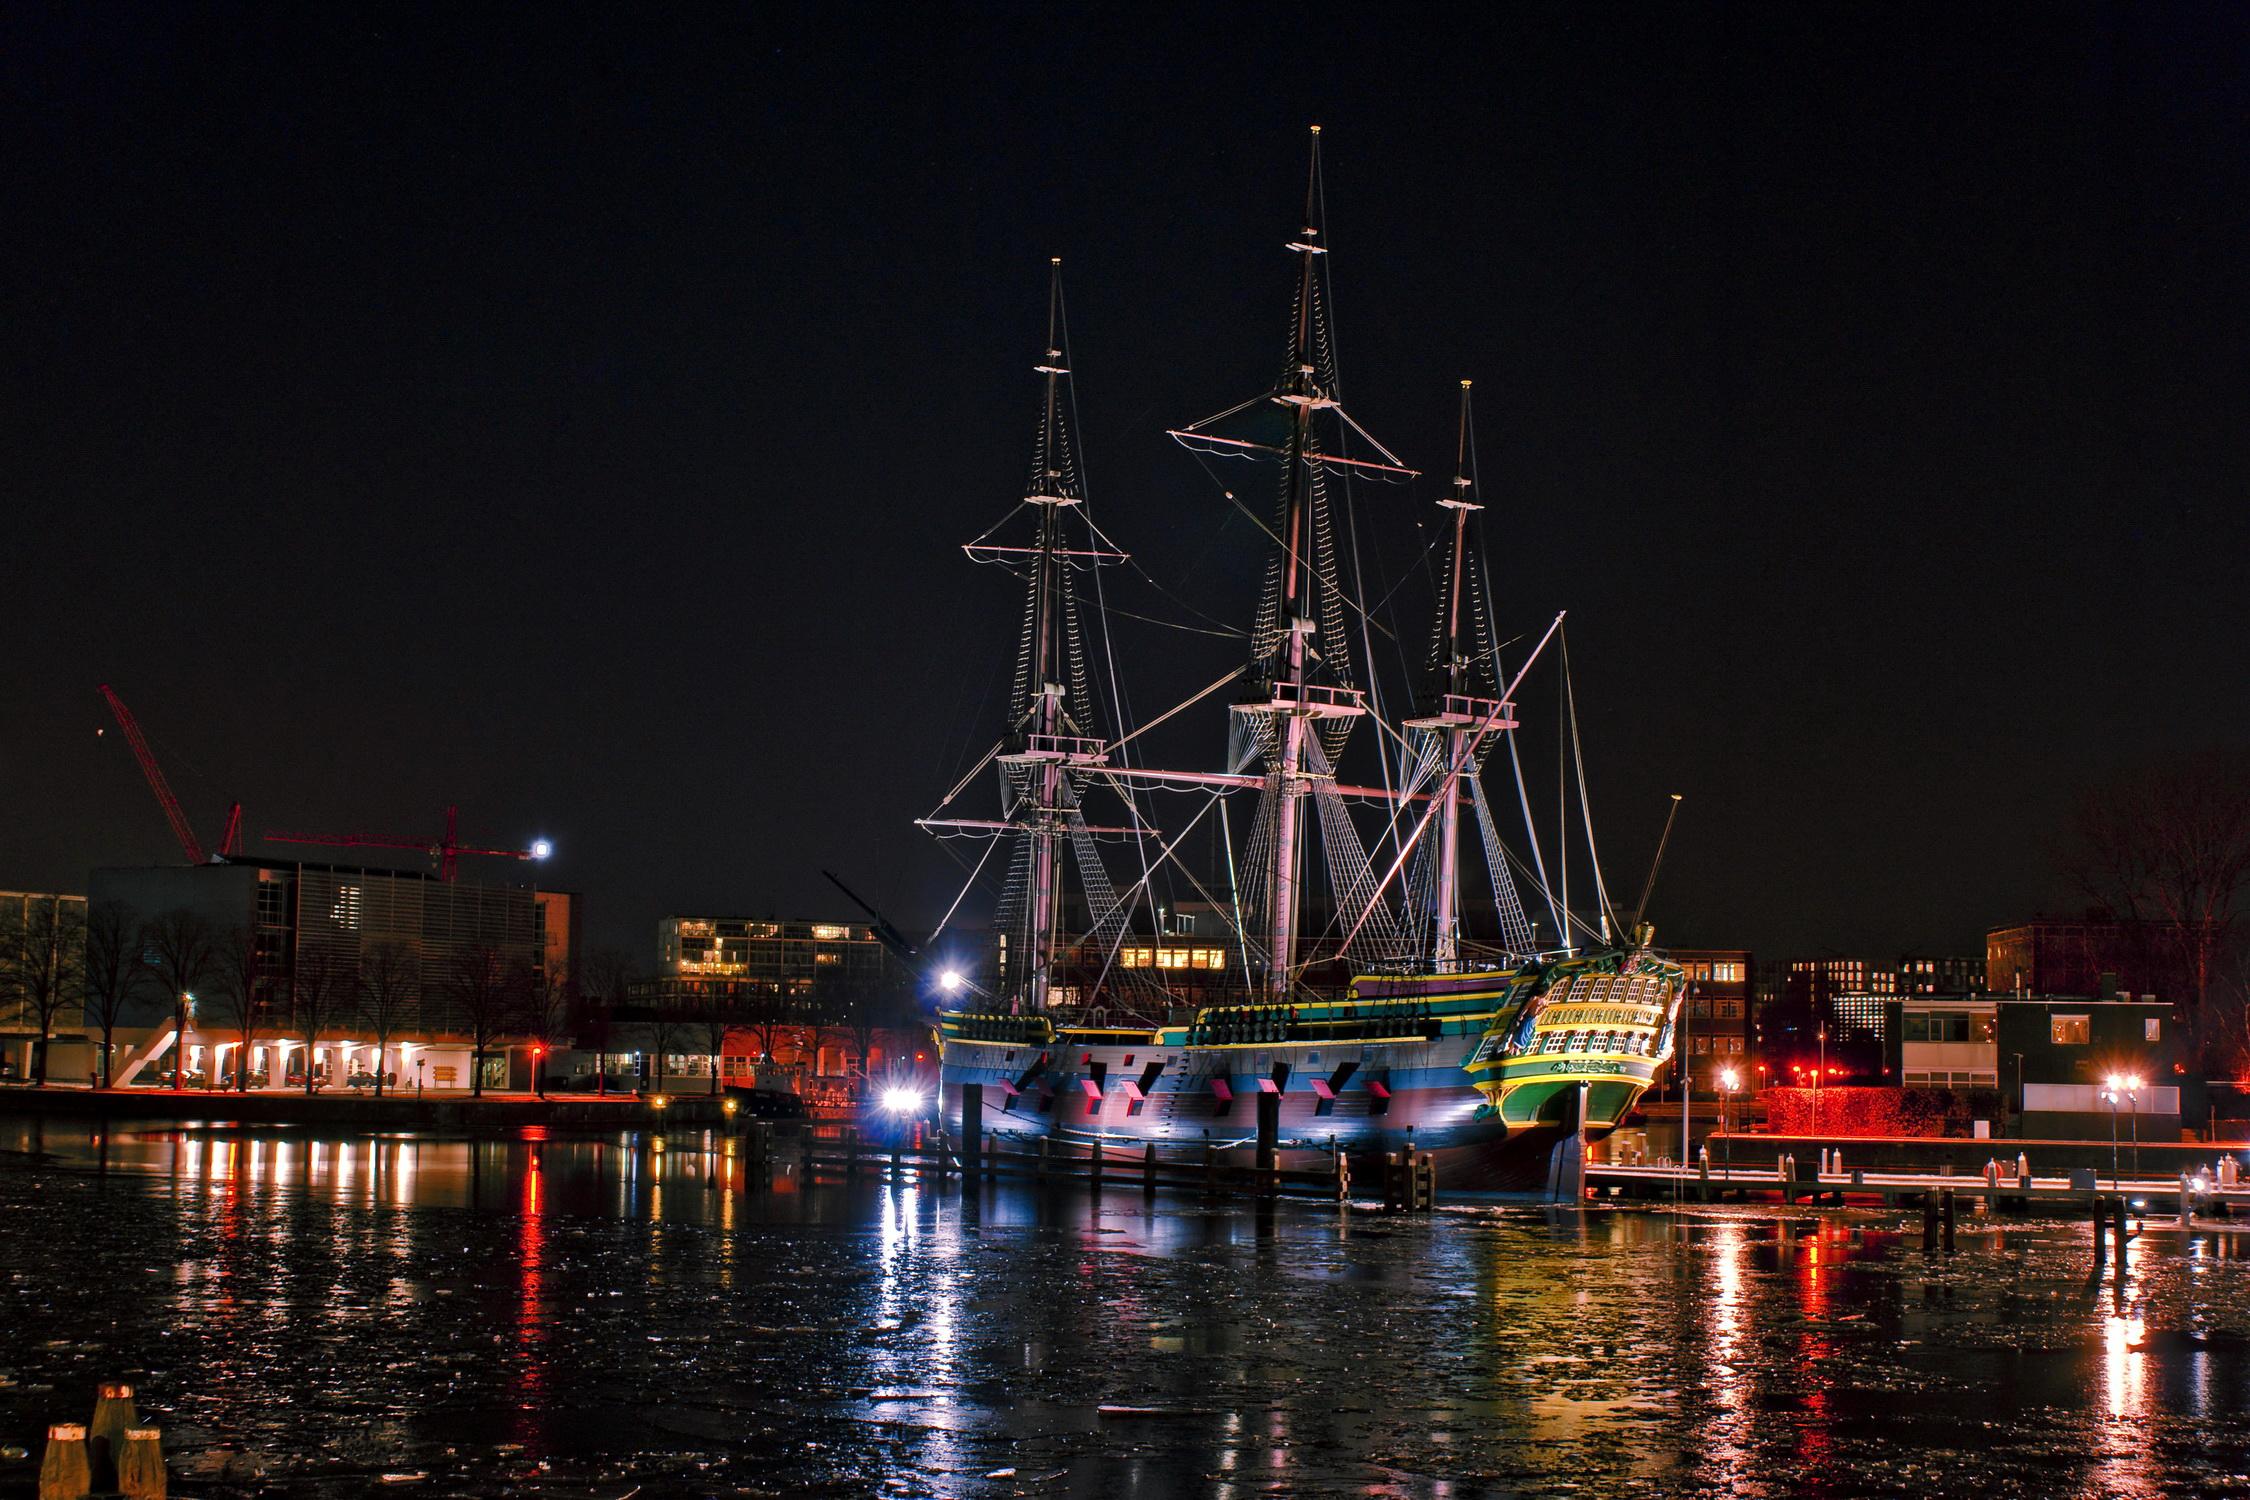 ночь яхта корабль  № 3498341 загрузить